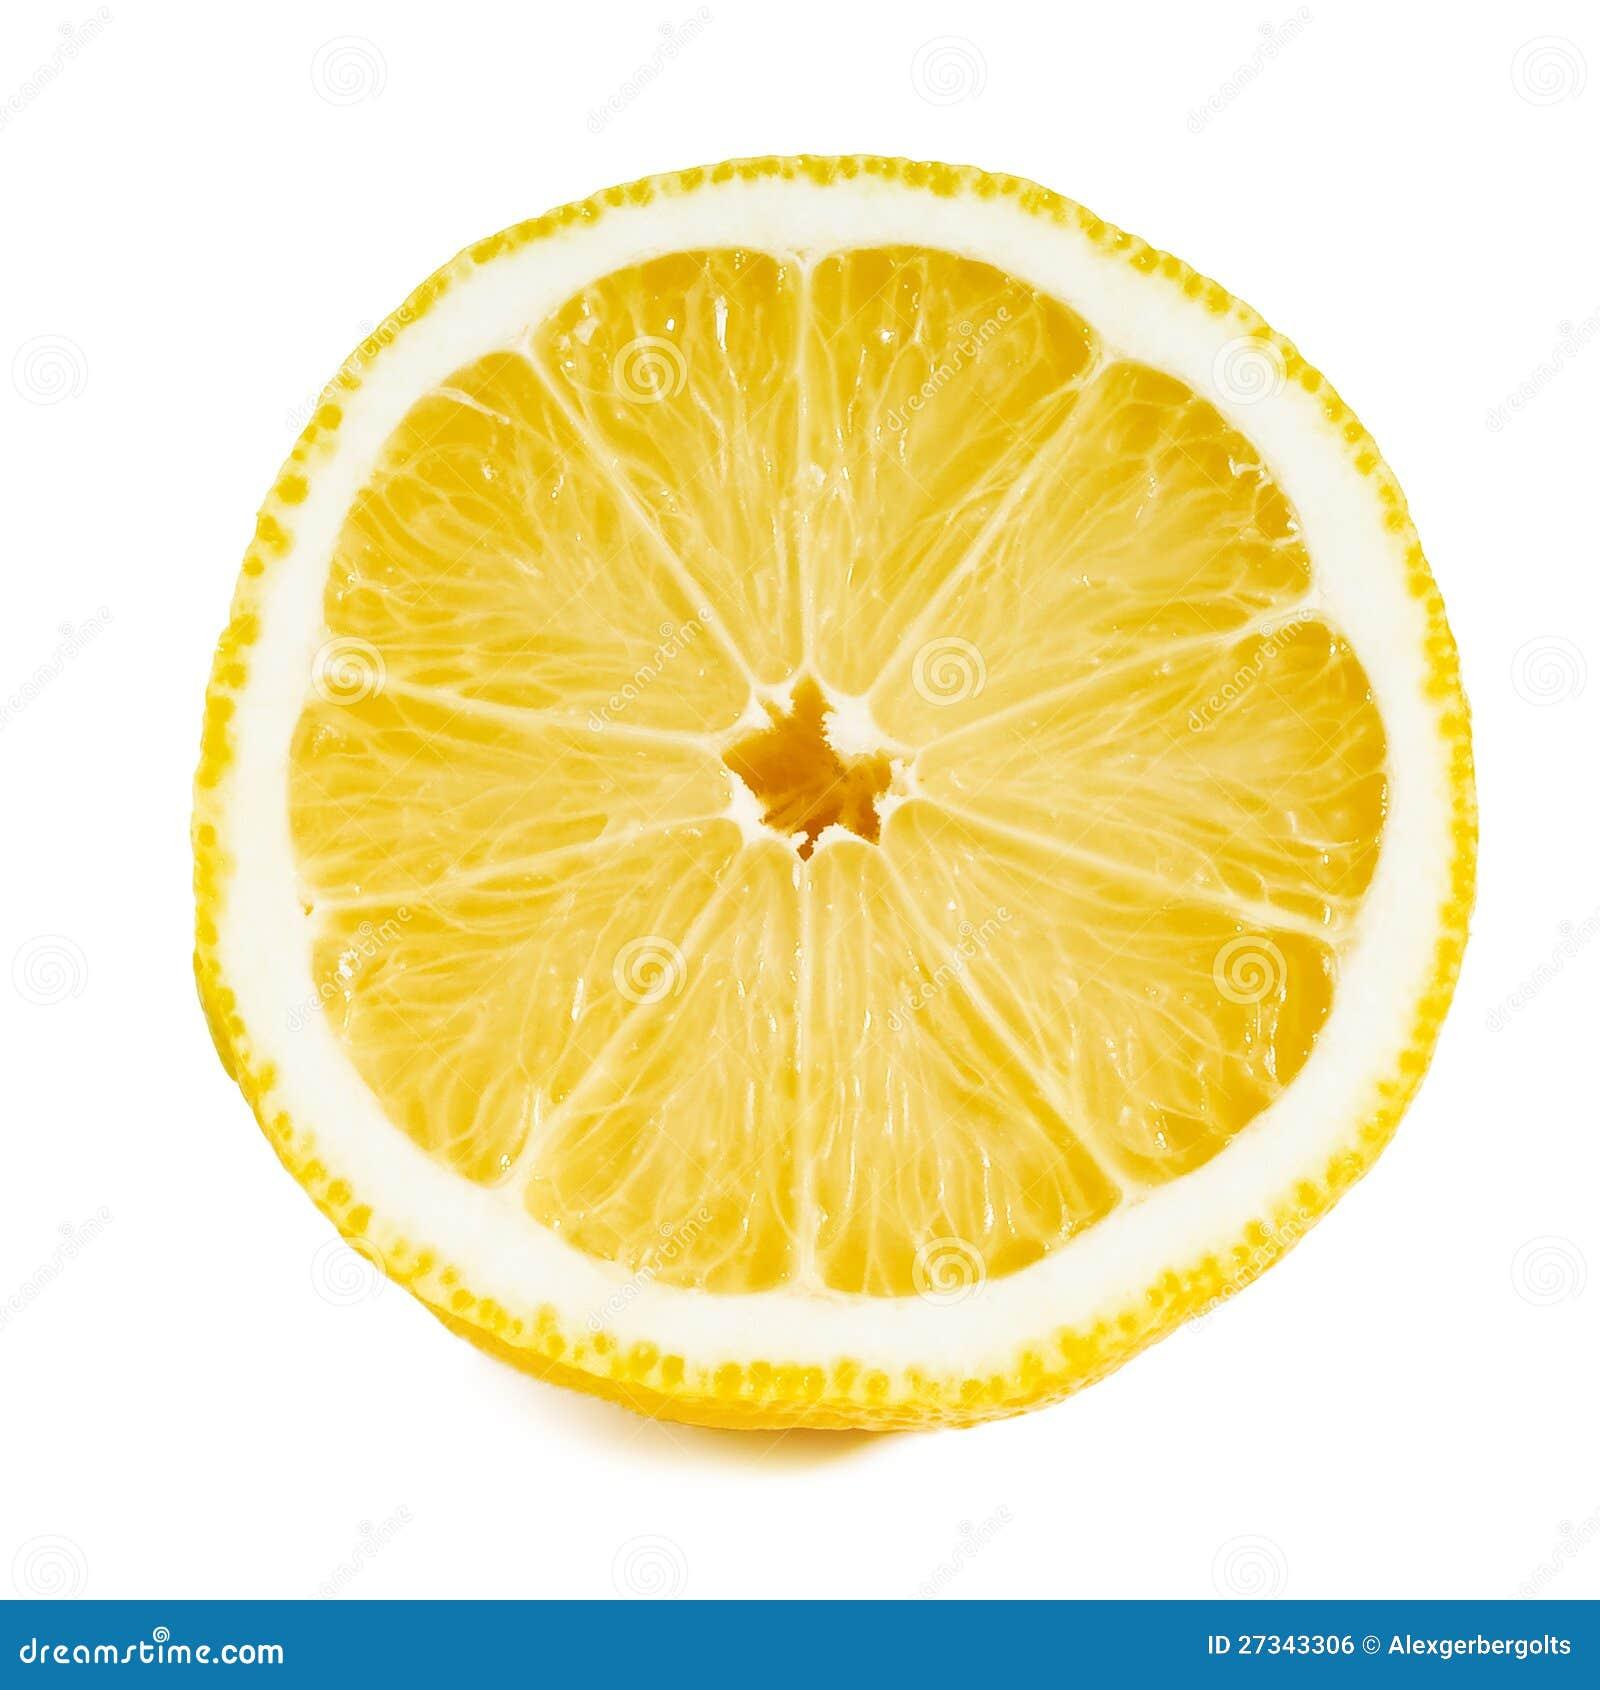 how to keep cut lemons fresh